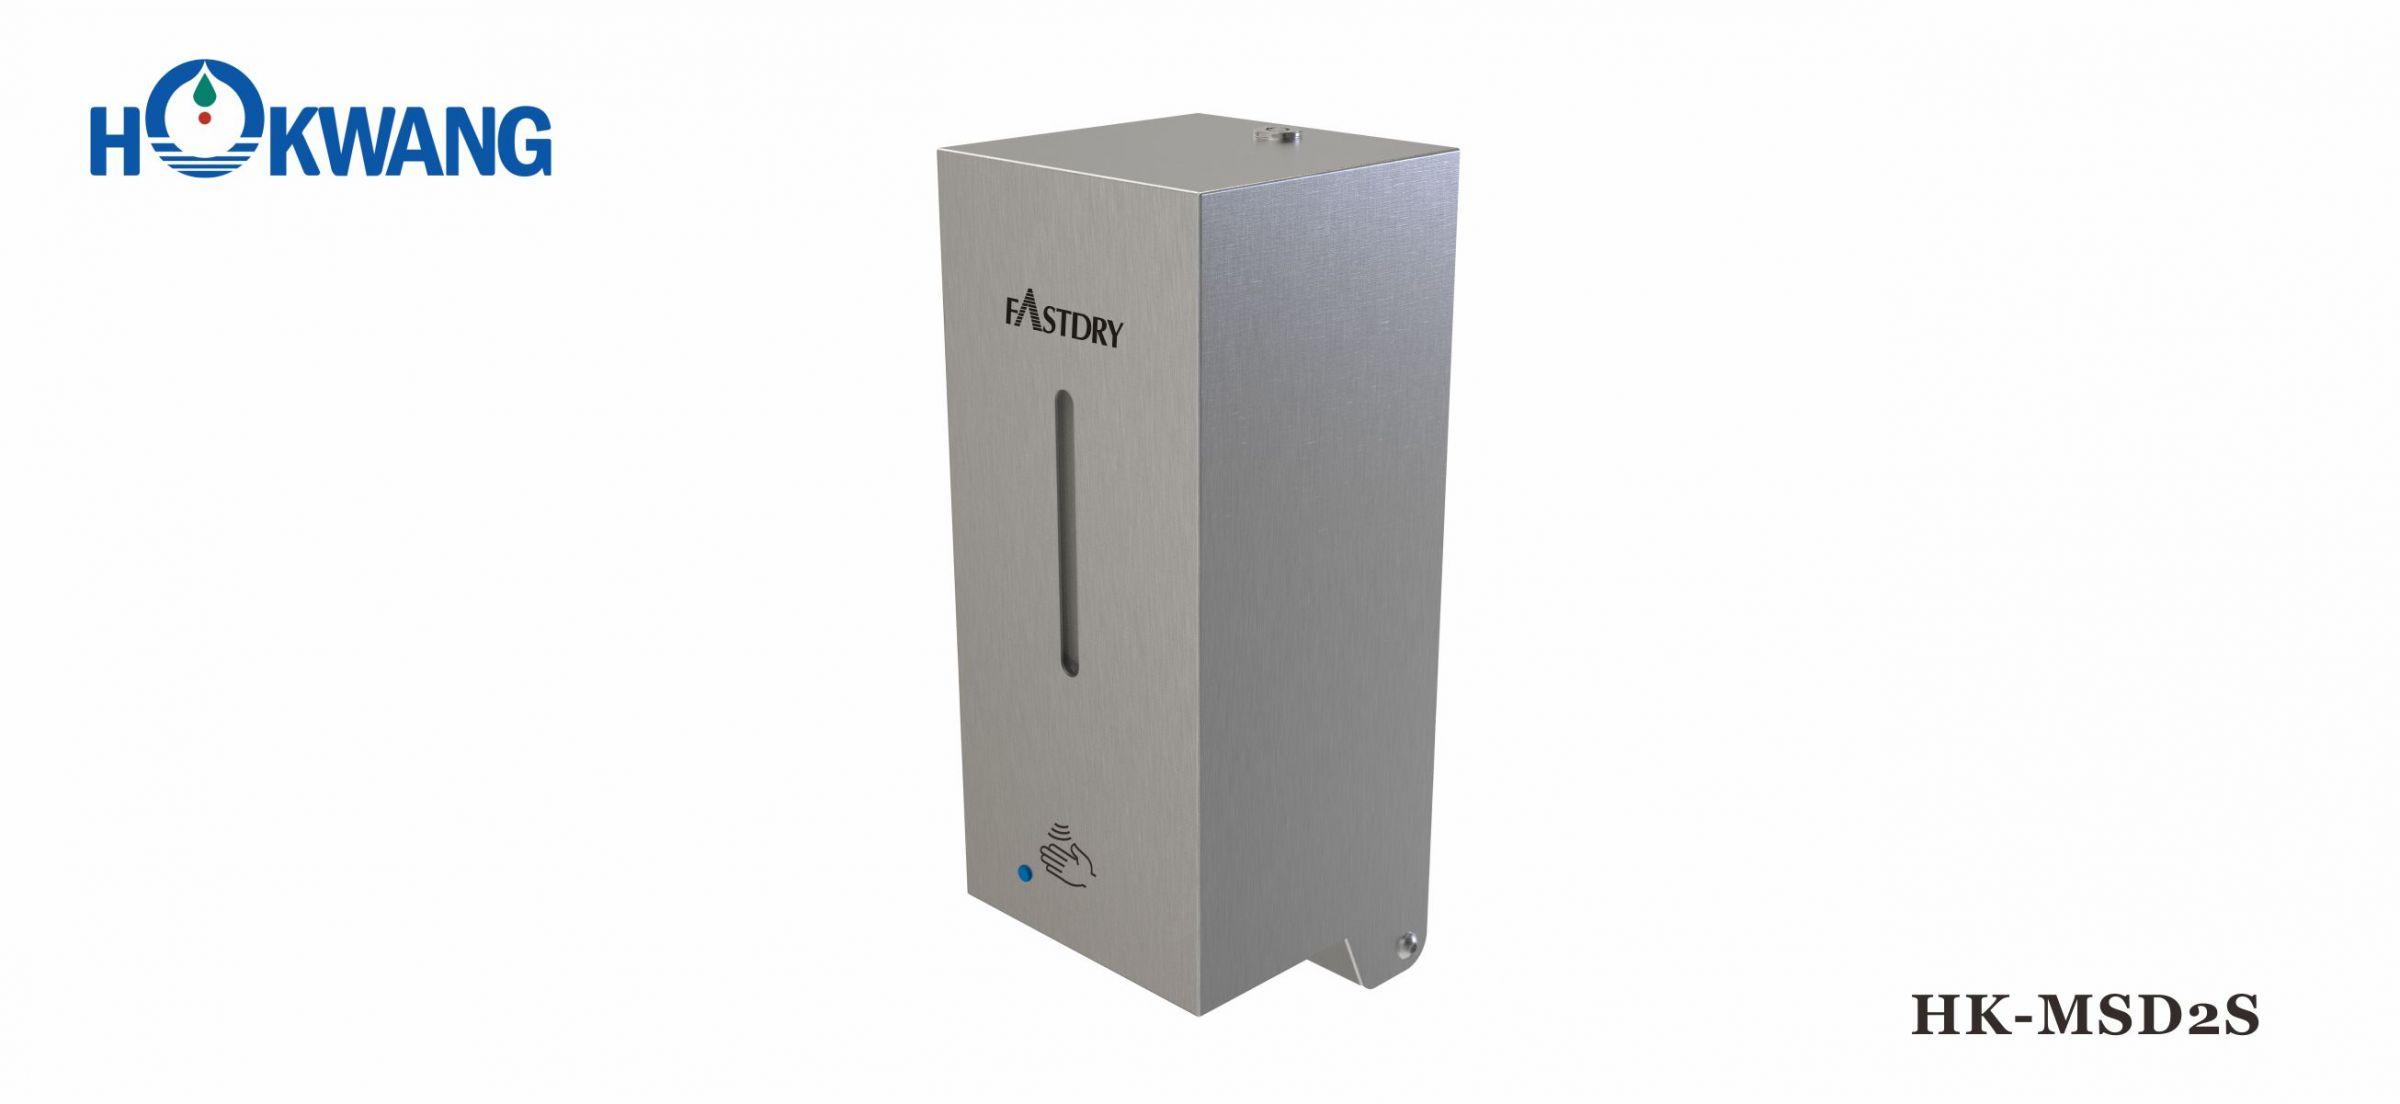 Distributeur de savon multifonction automatique en acier inoxydable HK-MSD2S